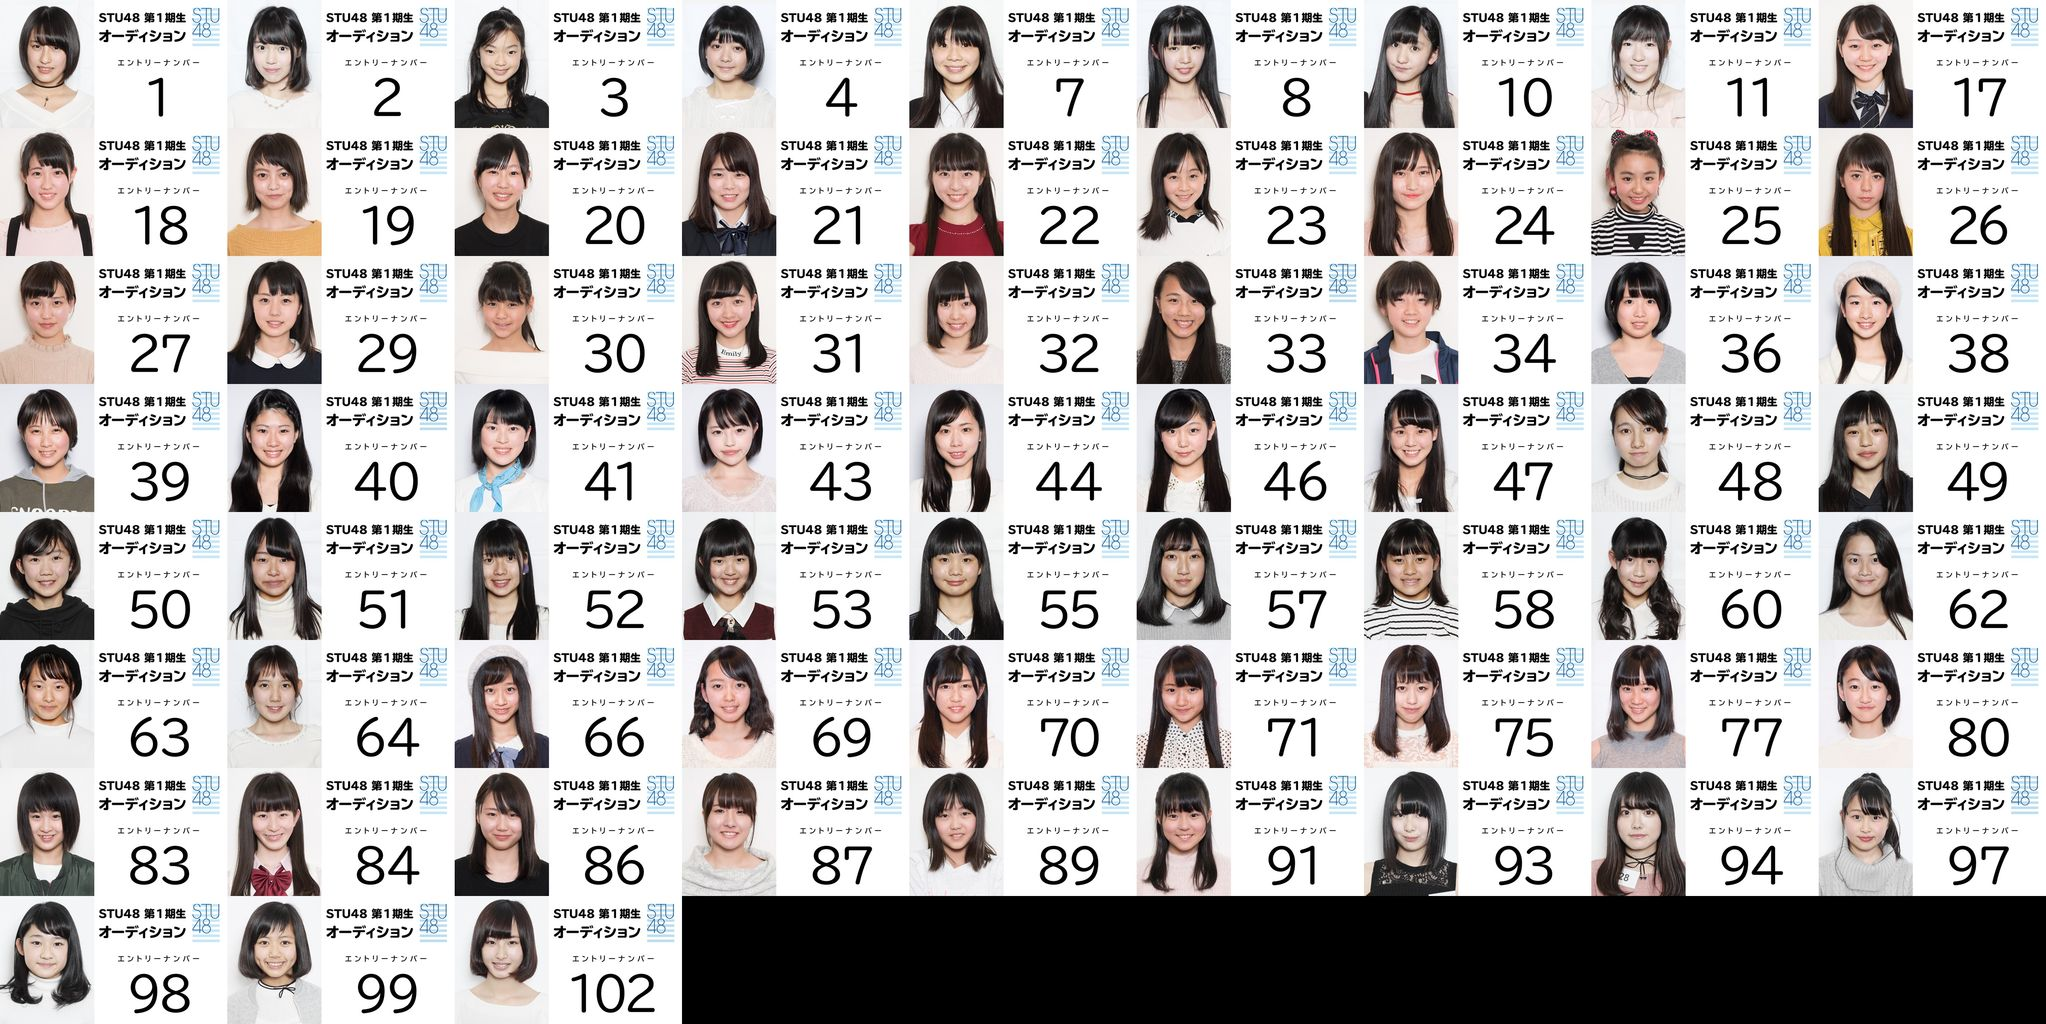 【悲報】STU48、66番に続いて51番も辞退